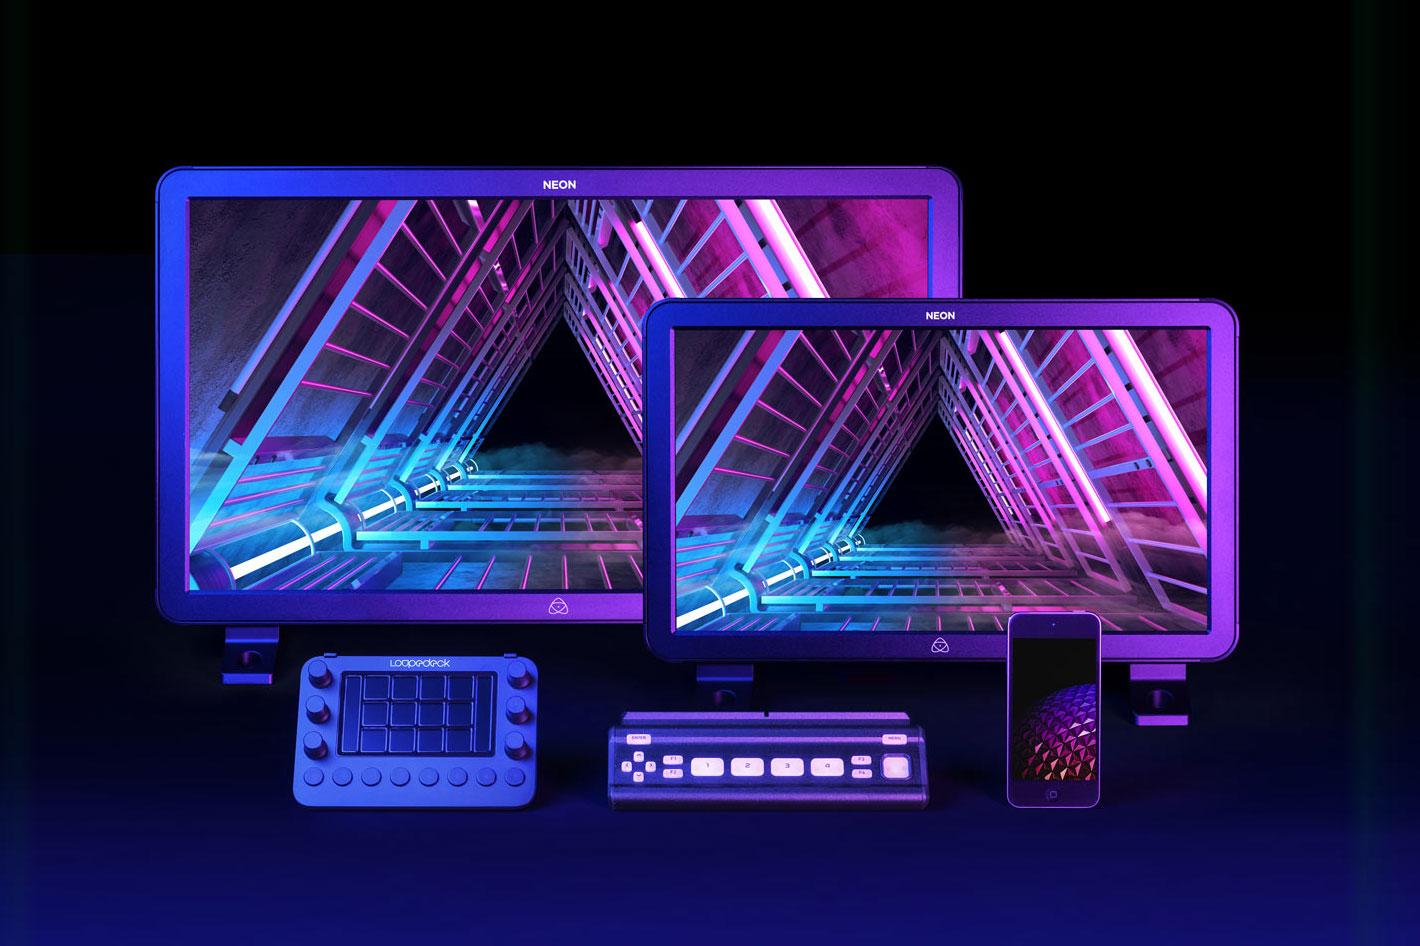 Atomos announces NEON Take Control promotion 4